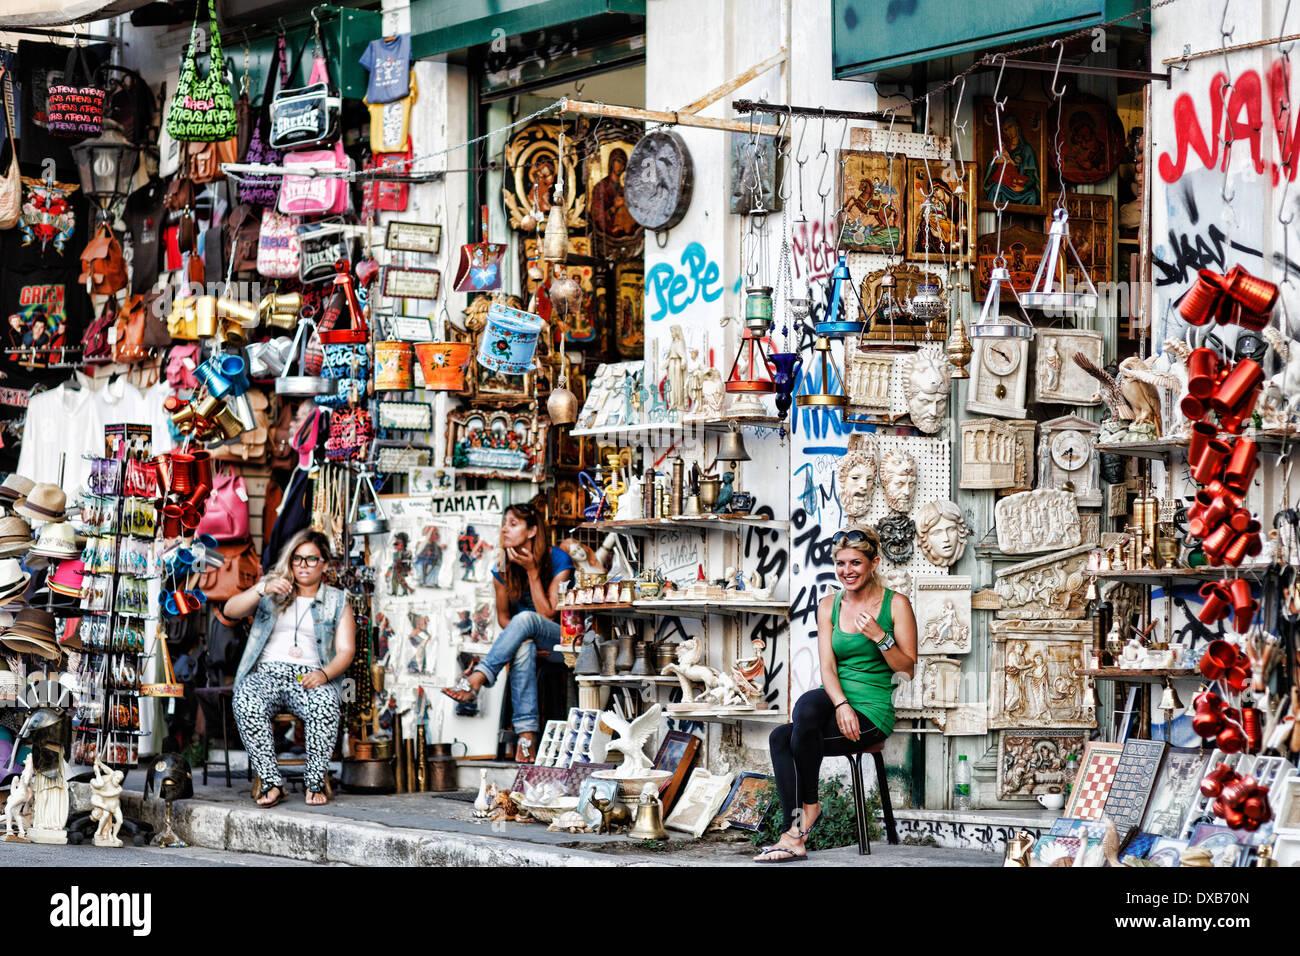 Magasin de souvenirs dans les rues d'Athènes, Grèce Photo Stock